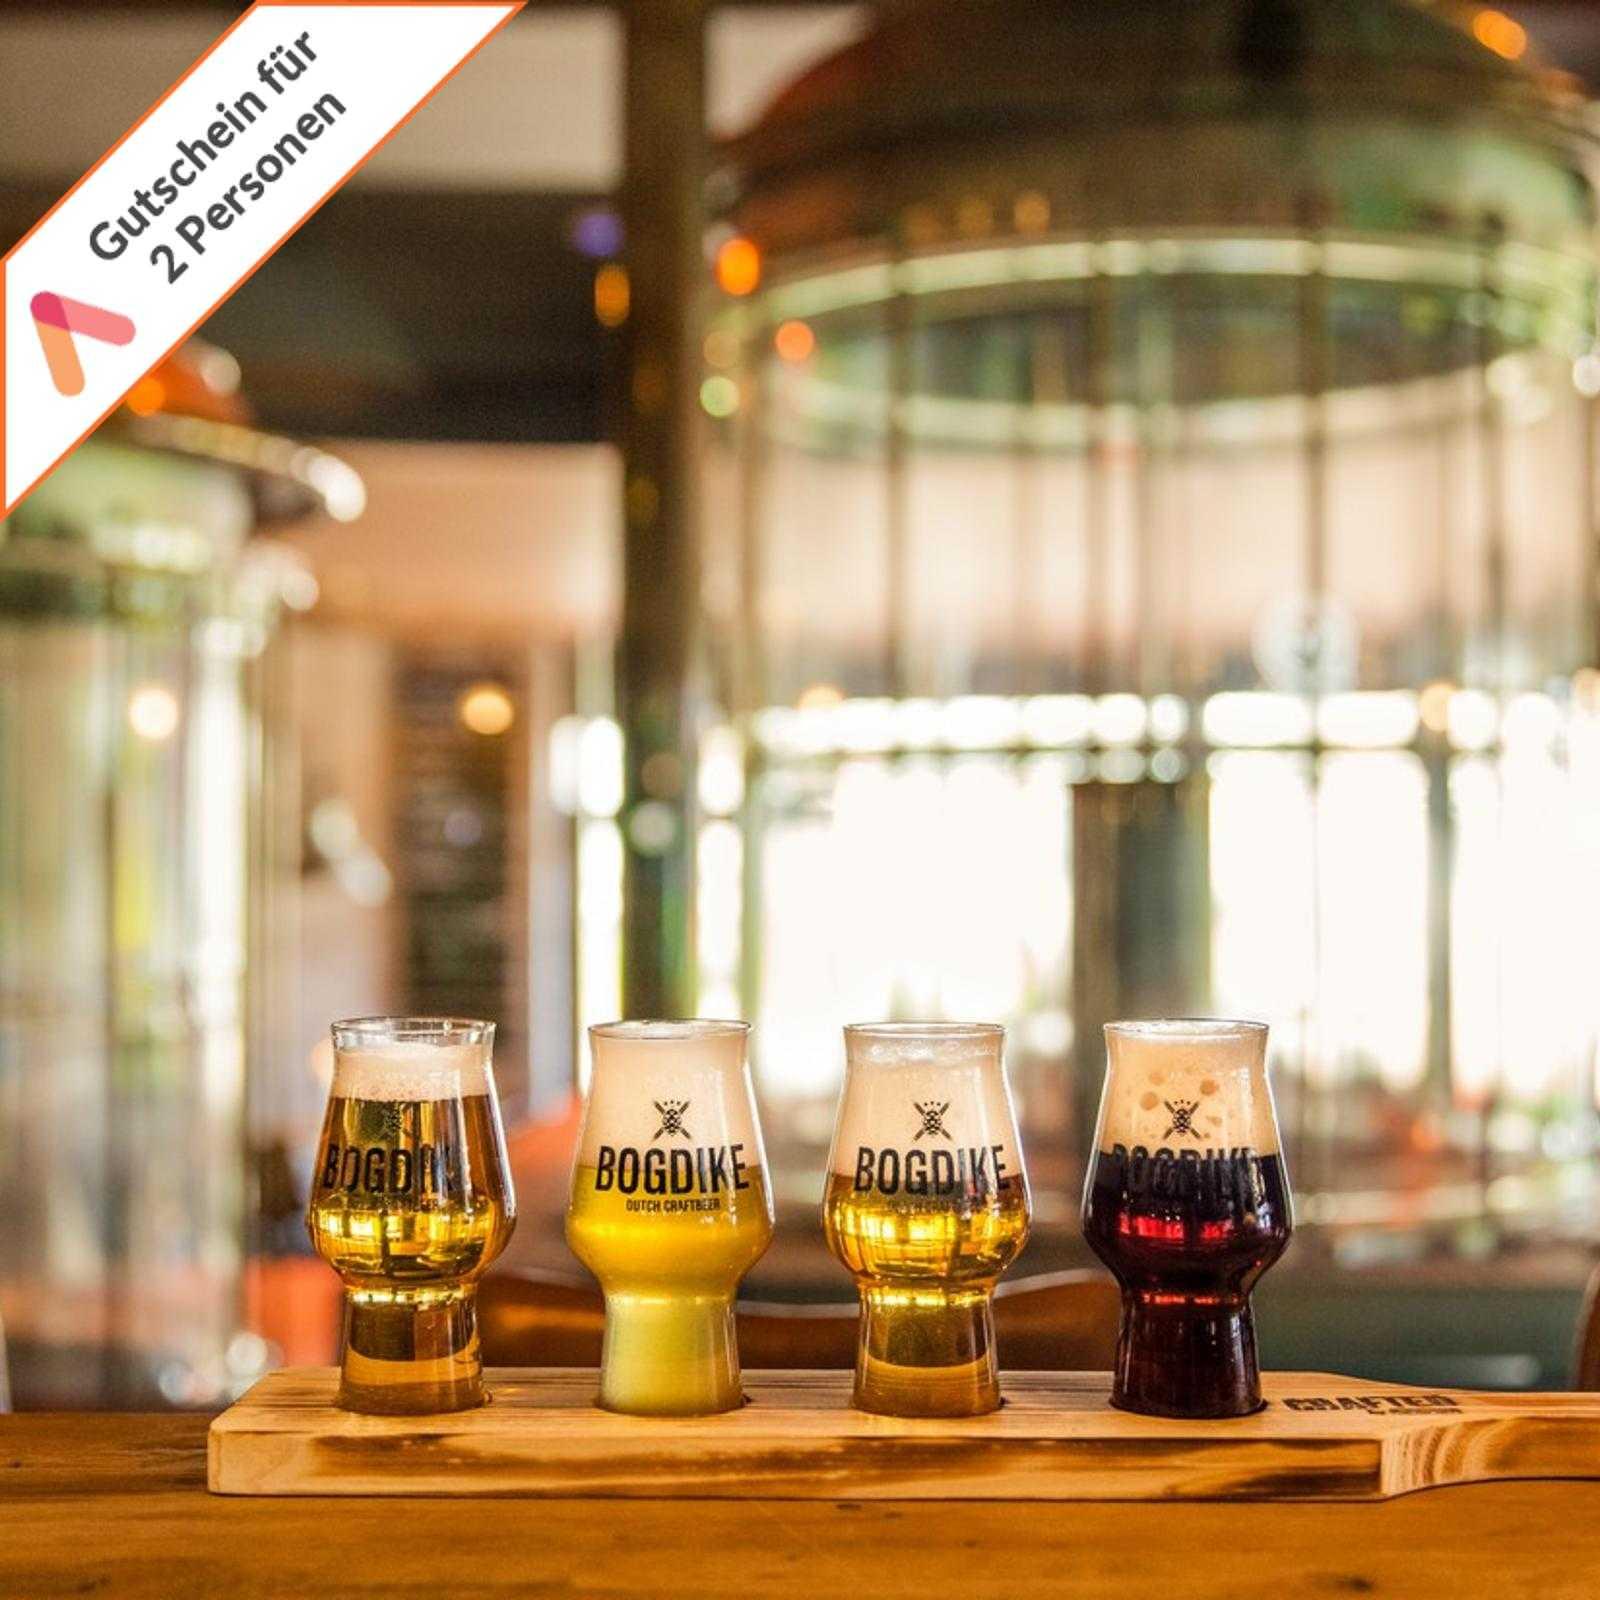 3 Tage Groningen Wochenende Kurzurlaub Hotel mit Brauerei Gutschein 2 Personen